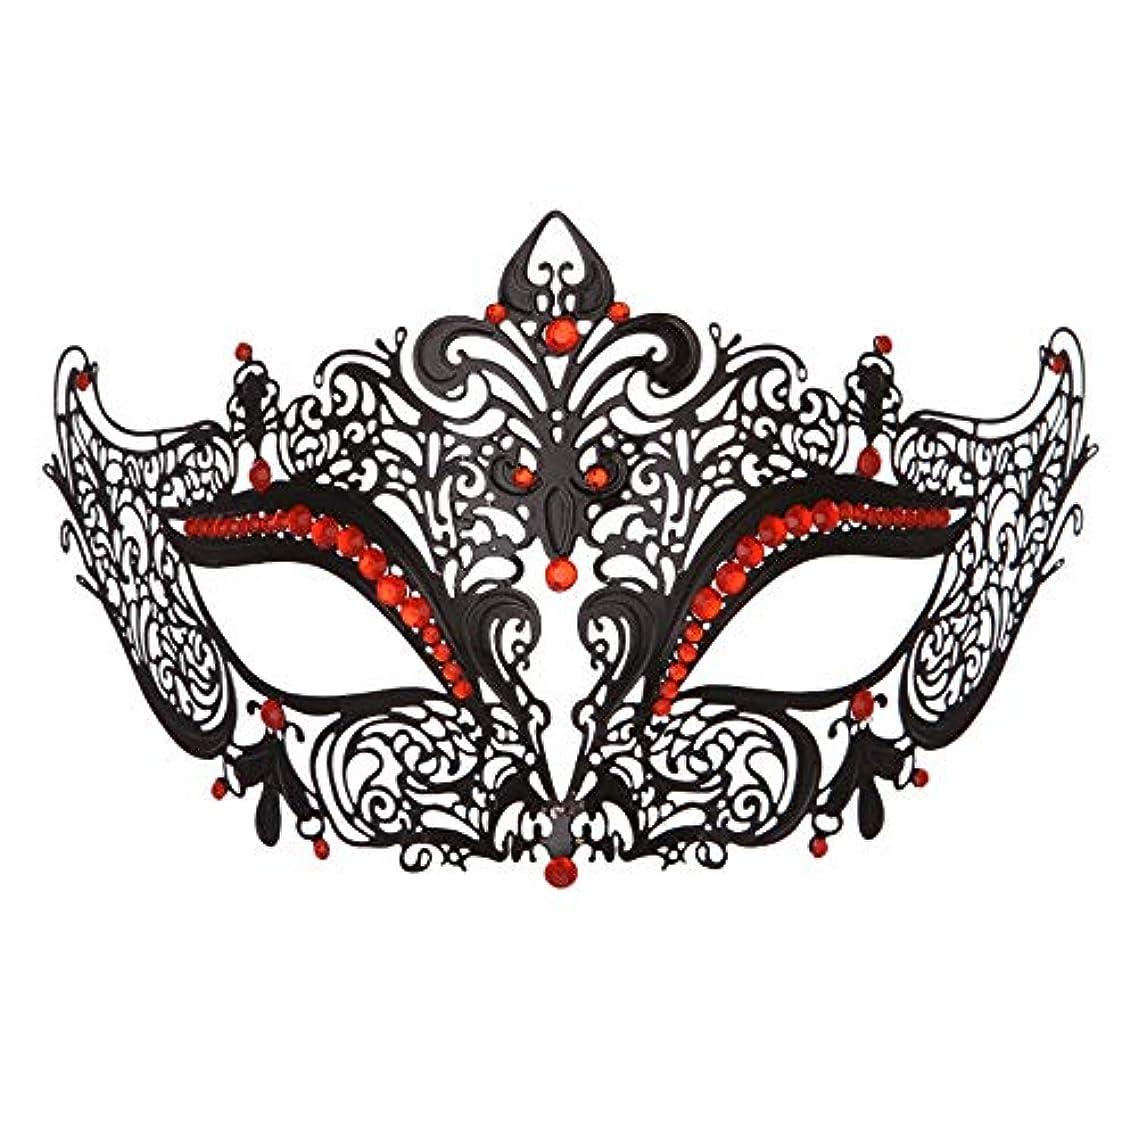 委任嬉しいです多数のダンスマスク 高級金属鉄マスク女性美少女中空ハーフフェイスファッションナイトクラブパーティー仮面舞踏会マスク ホリデーパーティー用品 (色 : 赤, サイズ : 19x8cm)